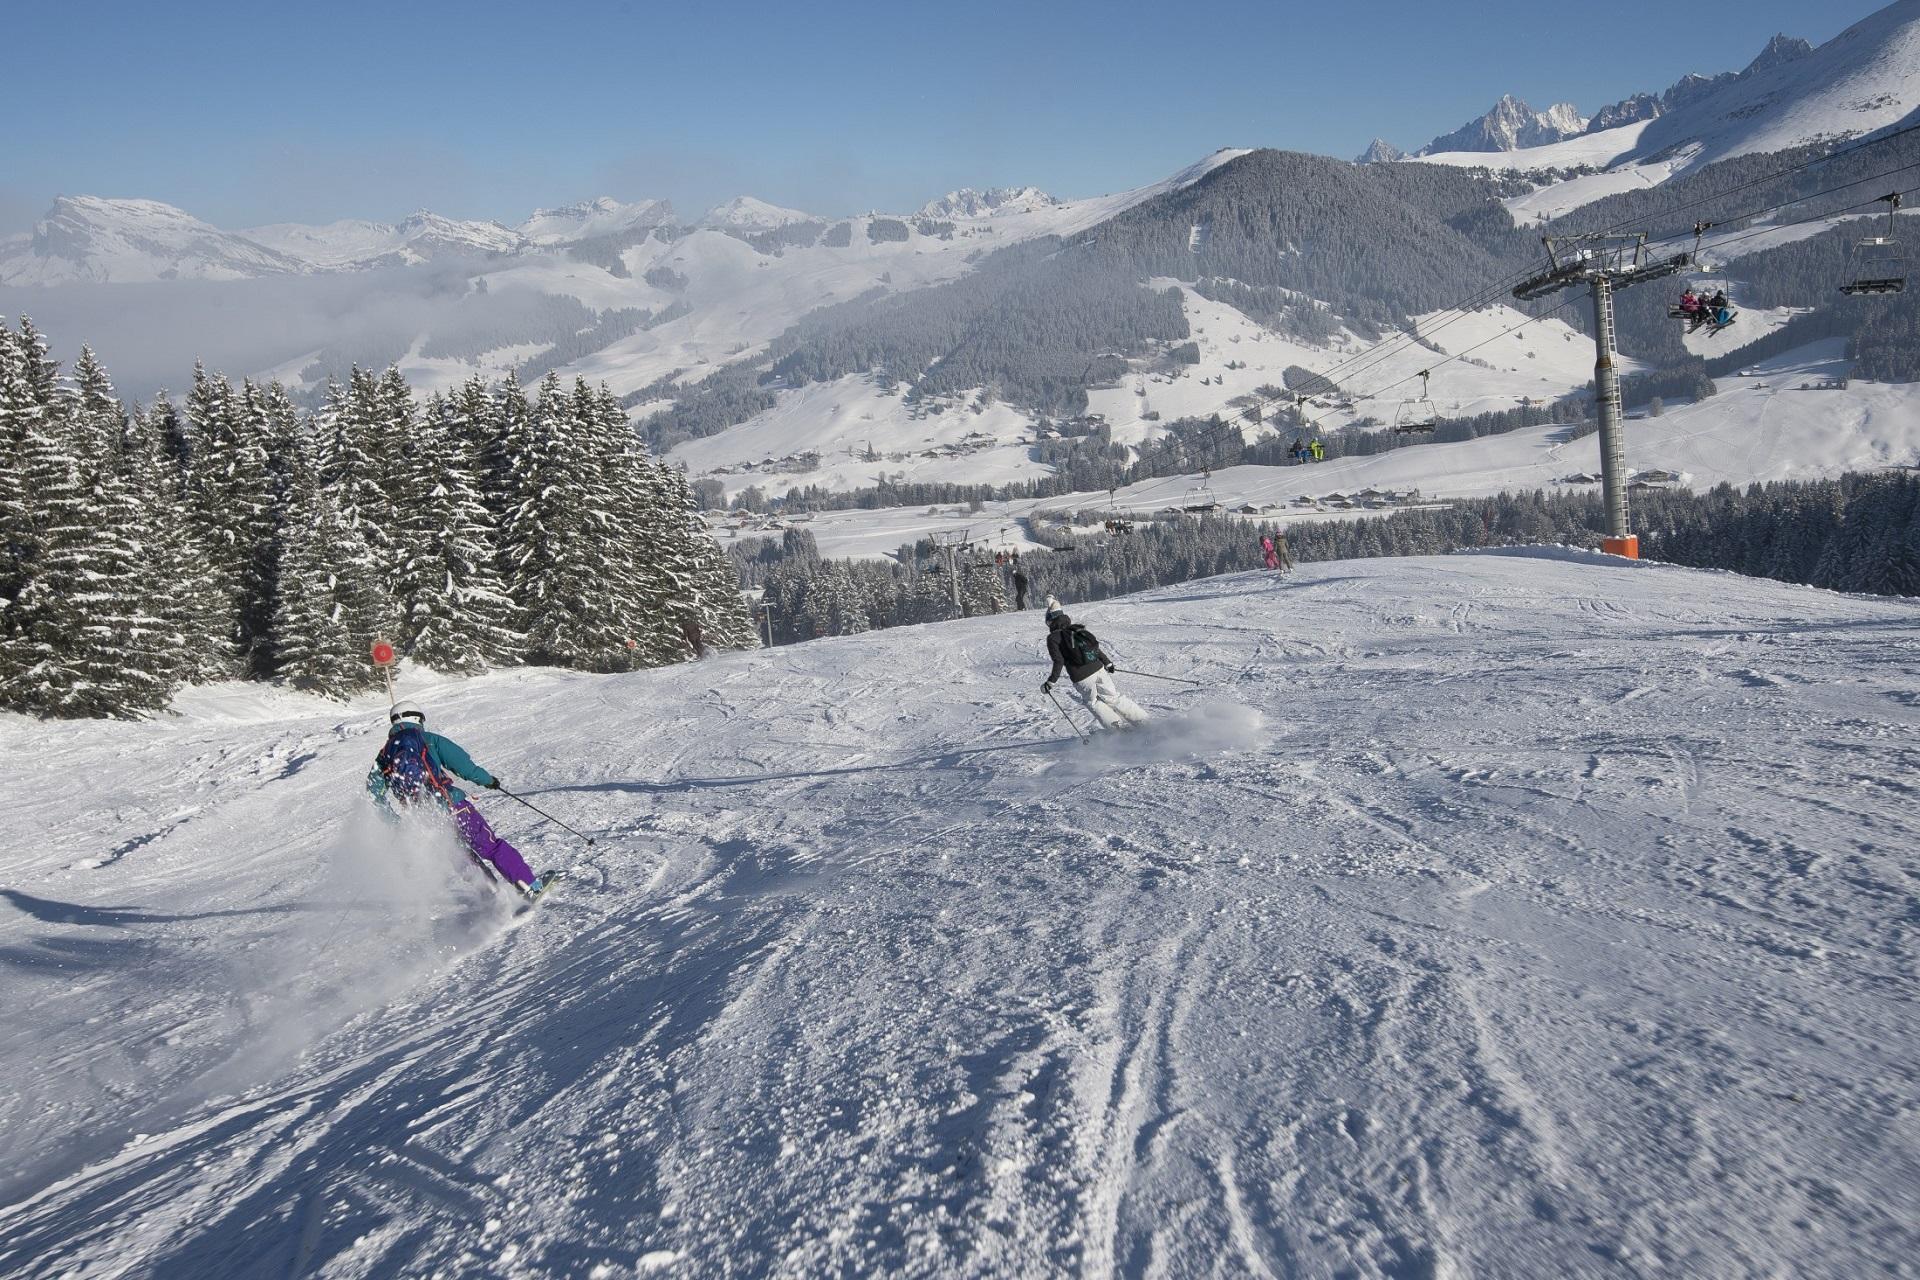 l'arboisie-megeve-incentive-ski-montagne-alpes-shuss-101 seminaires-de-caractere